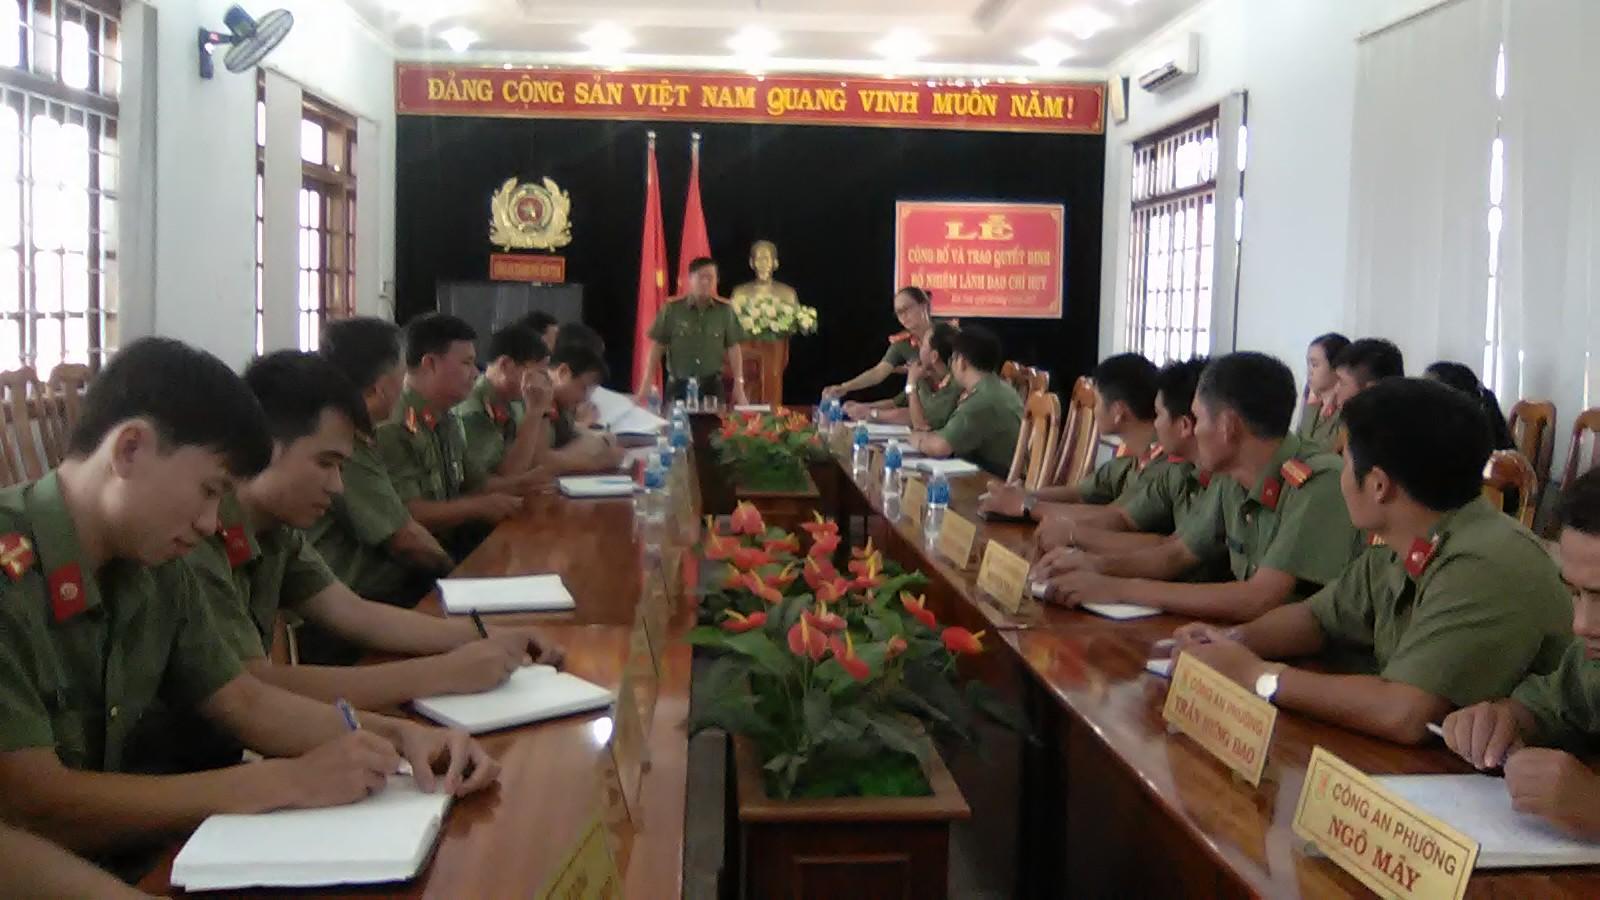 Kiểm tra công tác nghiệp vụ an ninh tại Công an thành phố Kon Tum